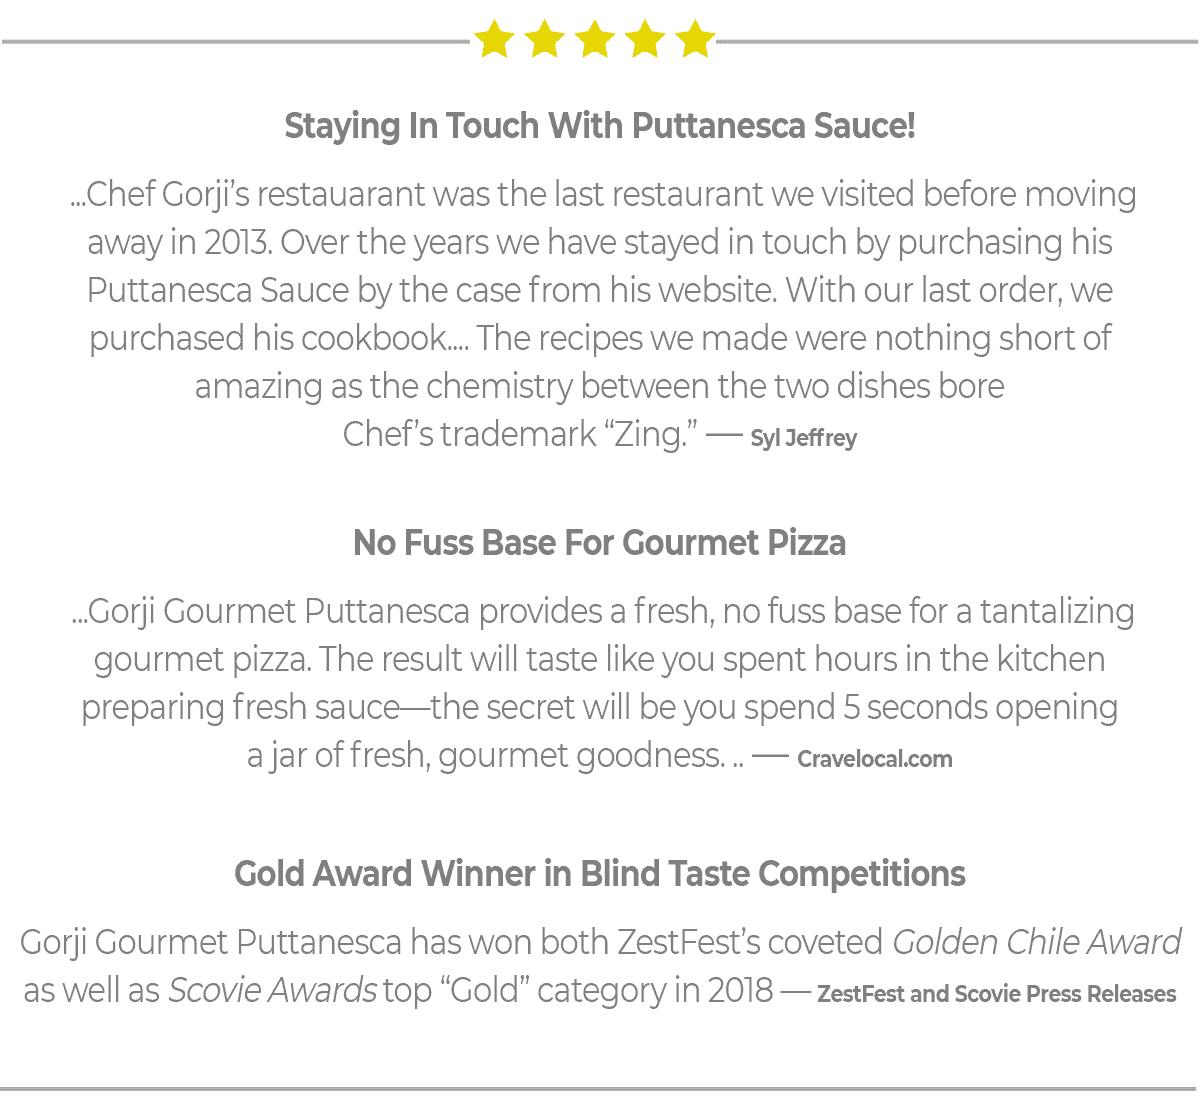 Gorji Gourmet Puttanesca Sauce Reviews